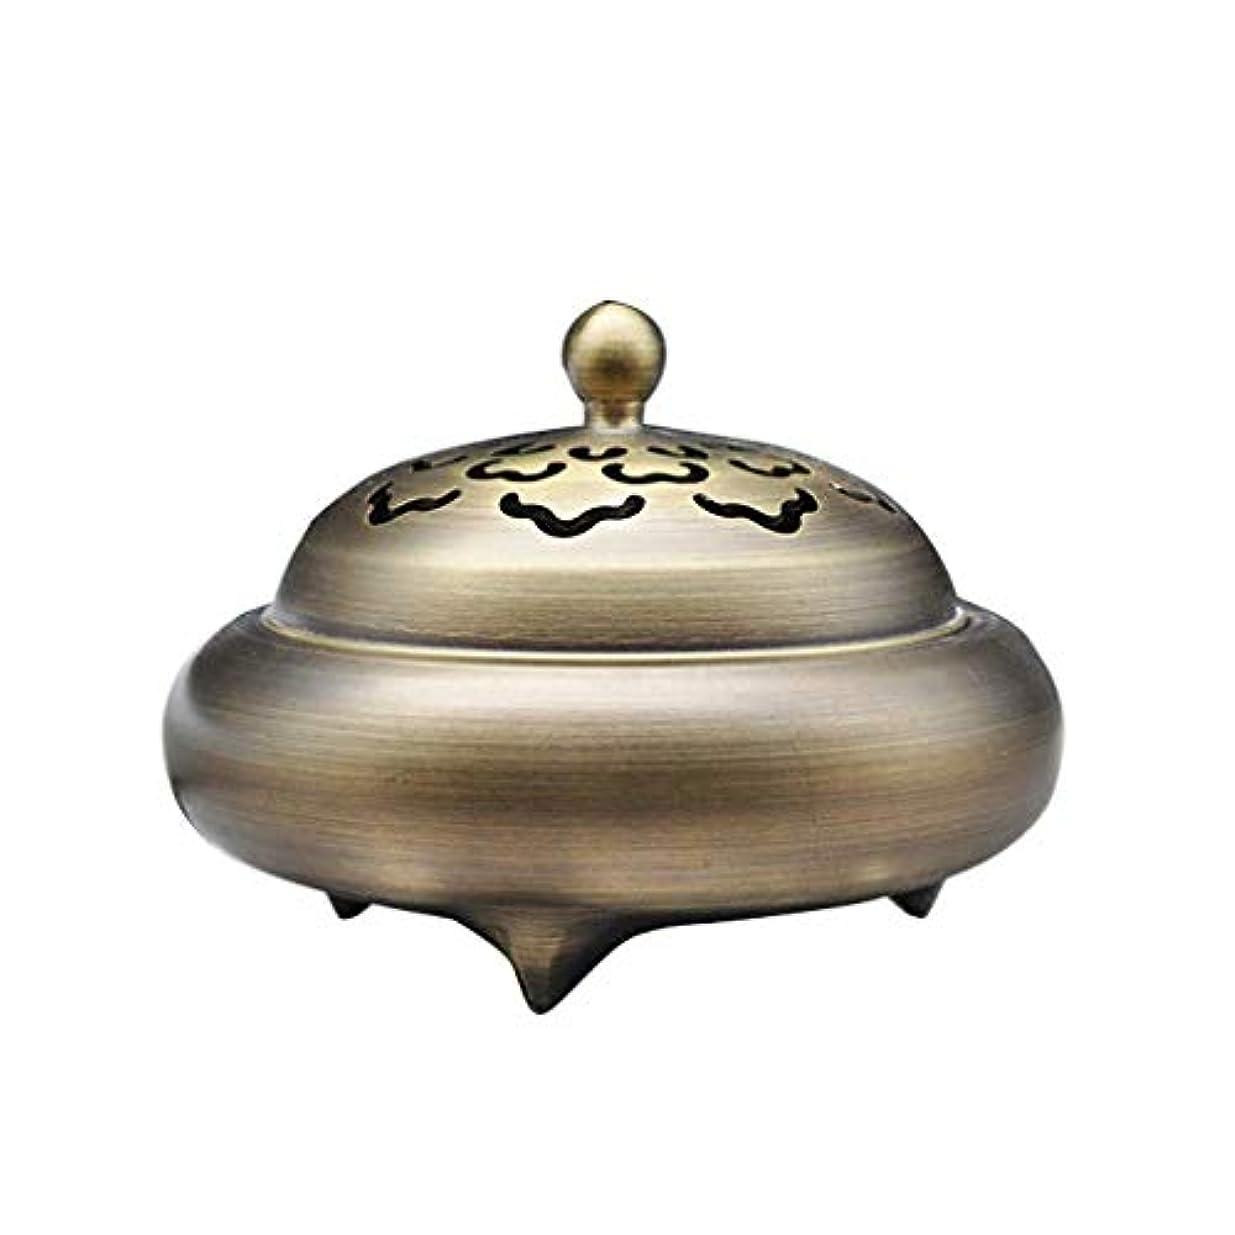 離すたくさん一瞬芳香器?アロマバーナー レトロバーナー純銅香バーナーホーム屋内白檀炉香バーナー香道路装飾 アロマバーナー芳香器 (Color : Brass)